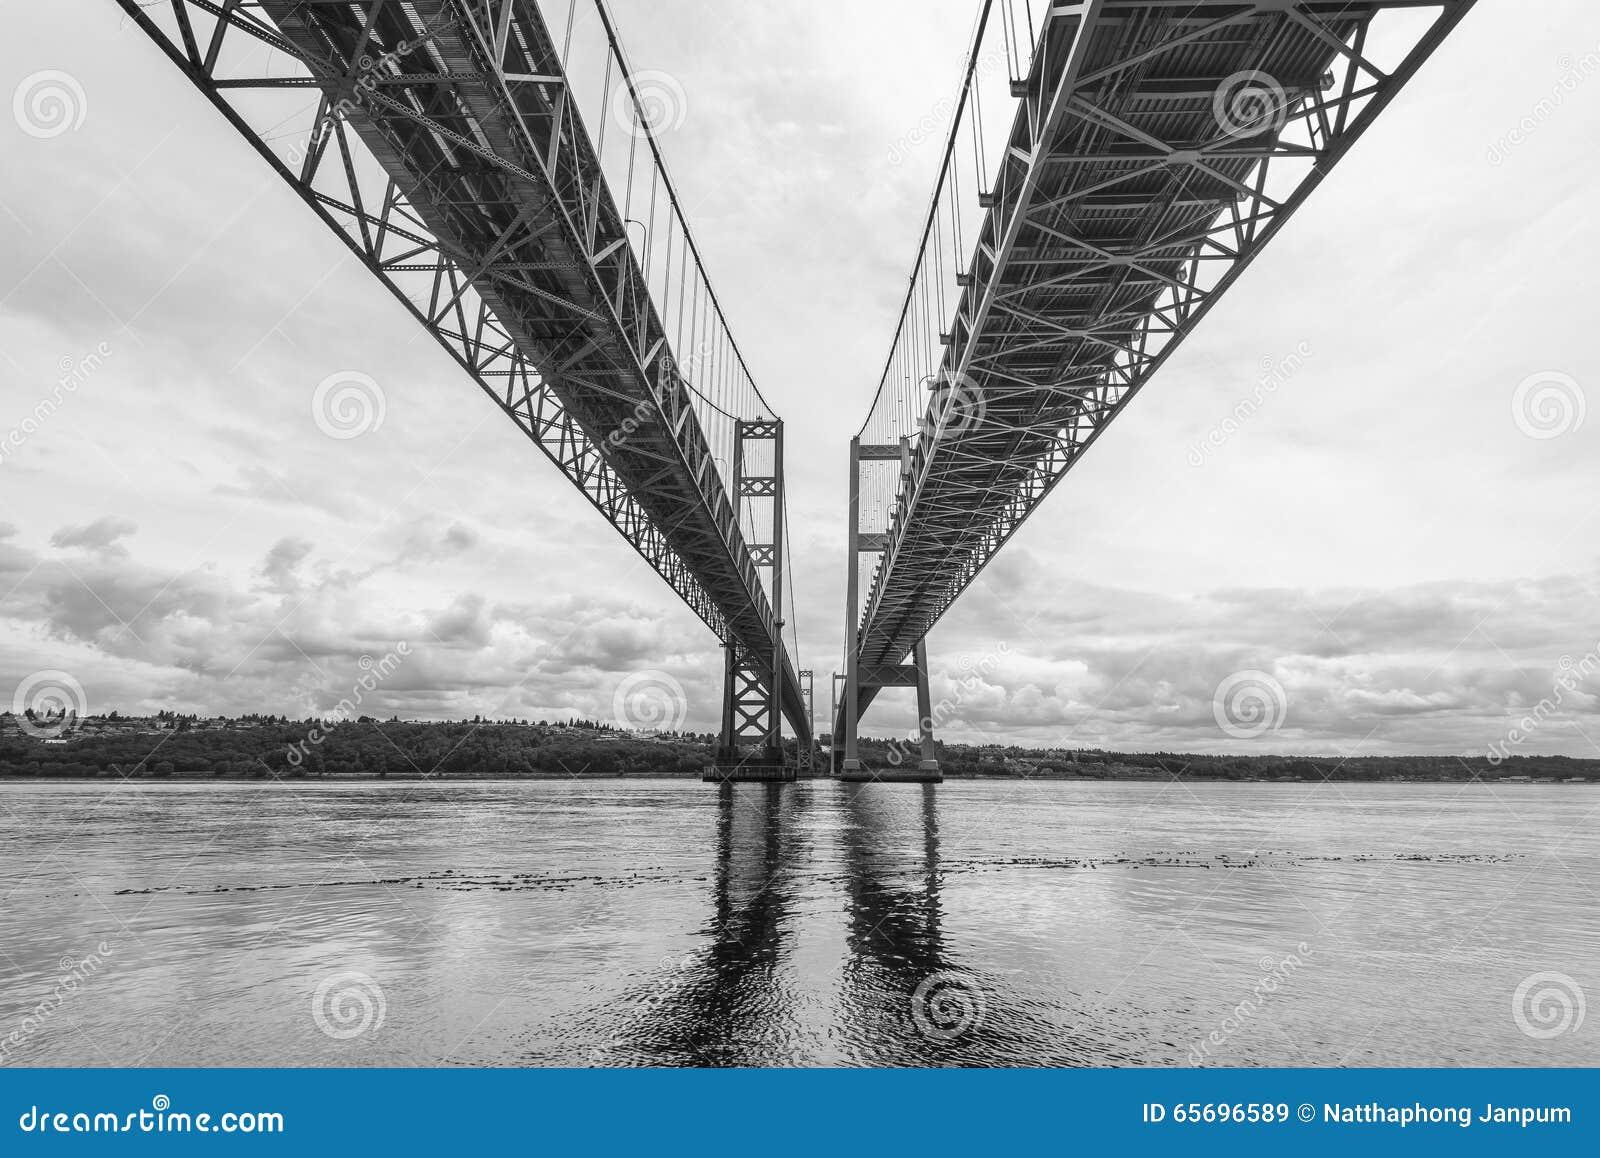 Η σκηνή στενεύει τη γέφυρα χάλυβα στο Τακόμα, Ουάσιγκτον, ΗΠΑ